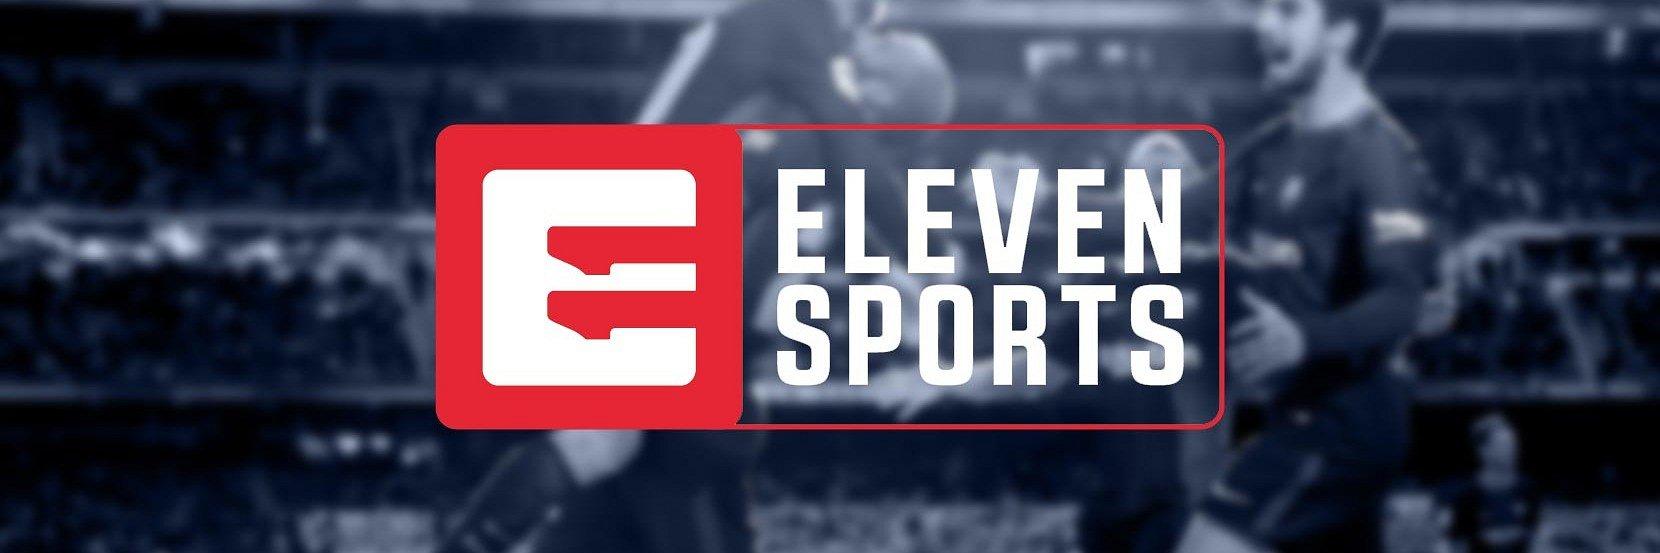 Primeiros meses de operação da Eleven Sports em Portugal marcados pelo sucesso